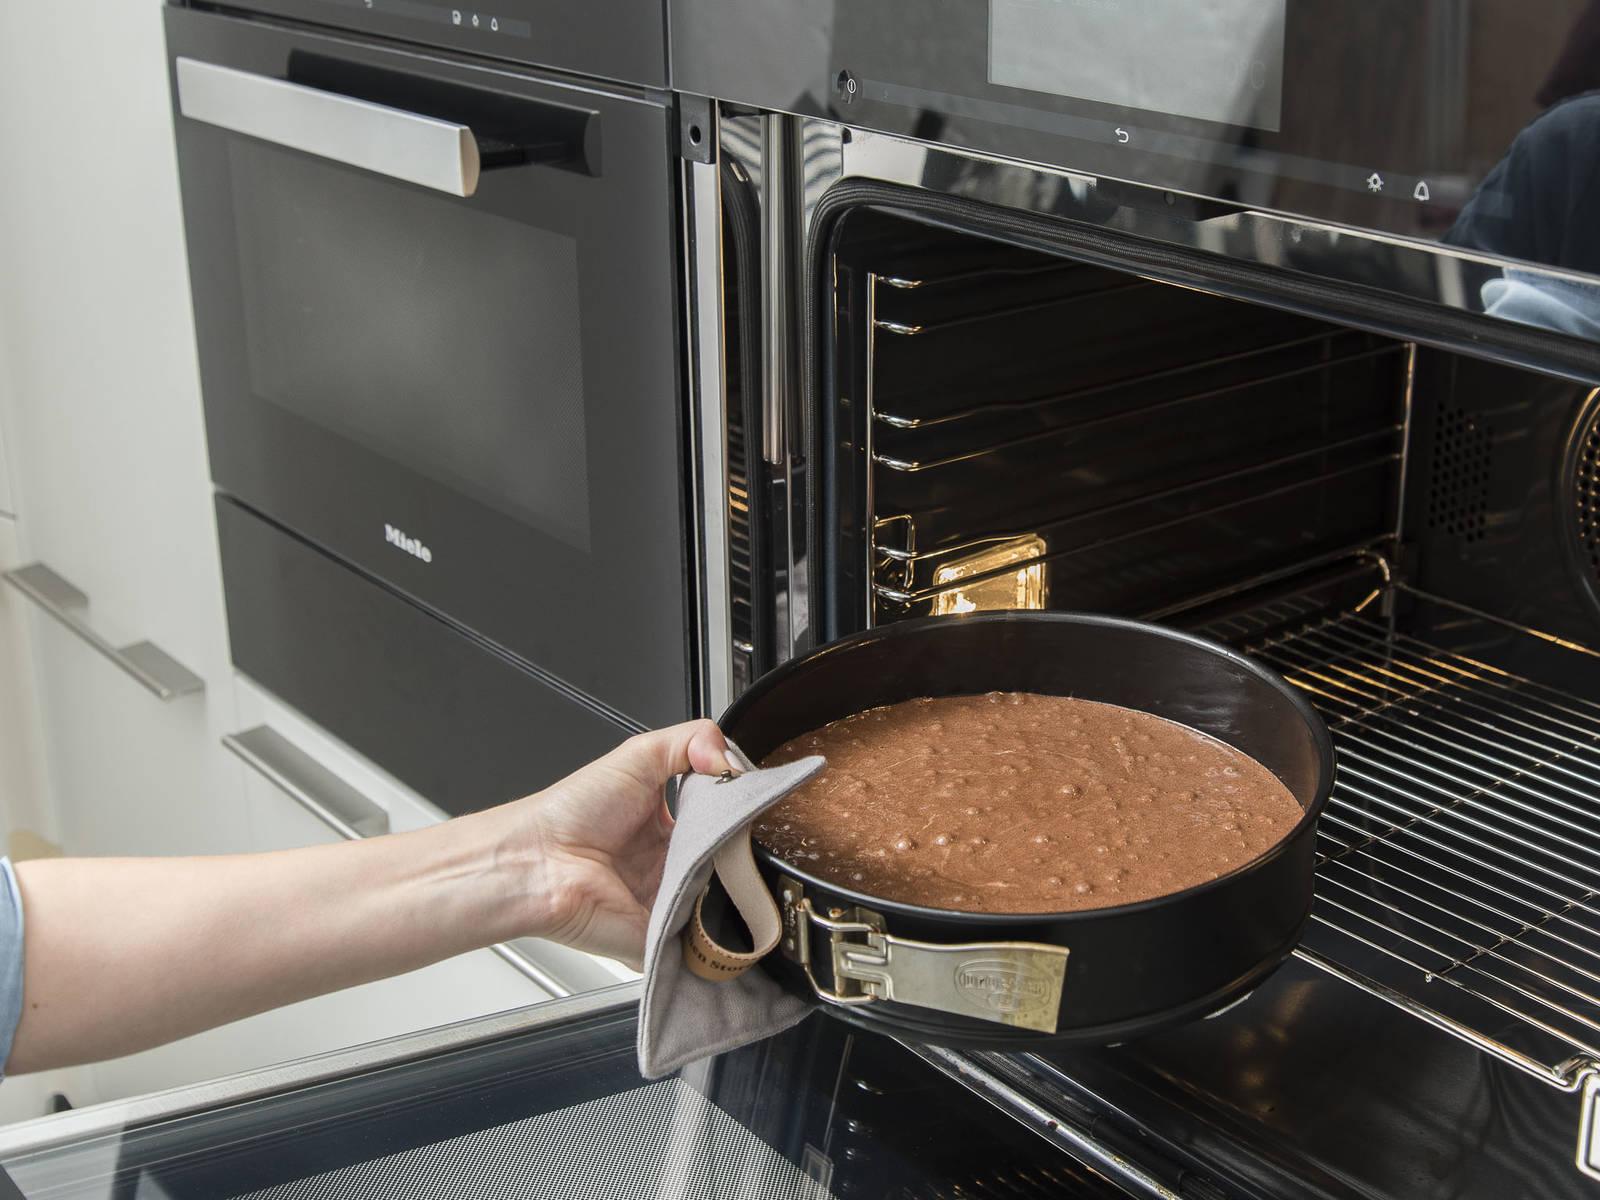 另取一个碗加入糖、香草精和蛋黄,搅拌约5至6分钟,直到变成轻薄蓬松的质地。混合面粉、淀粉、可可粉和泡打粉,过筛加入蛋黄中。搅拌均匀,分两批小心地拌入打发的蛋白。开中低火,在小锅中加热黄油至融化,倒入面糊中并搅拌均匀。将面糊倒入准备好的脱底烤模中,在预热好的烤箱中烘烤约25-30分钟,或用牙签插入蛋糕再抽出,牙签上不沾任何痕迹,即说明烤好。从烤箱中取出,冷却约15分钟后脱模,然后放至完全冷却。